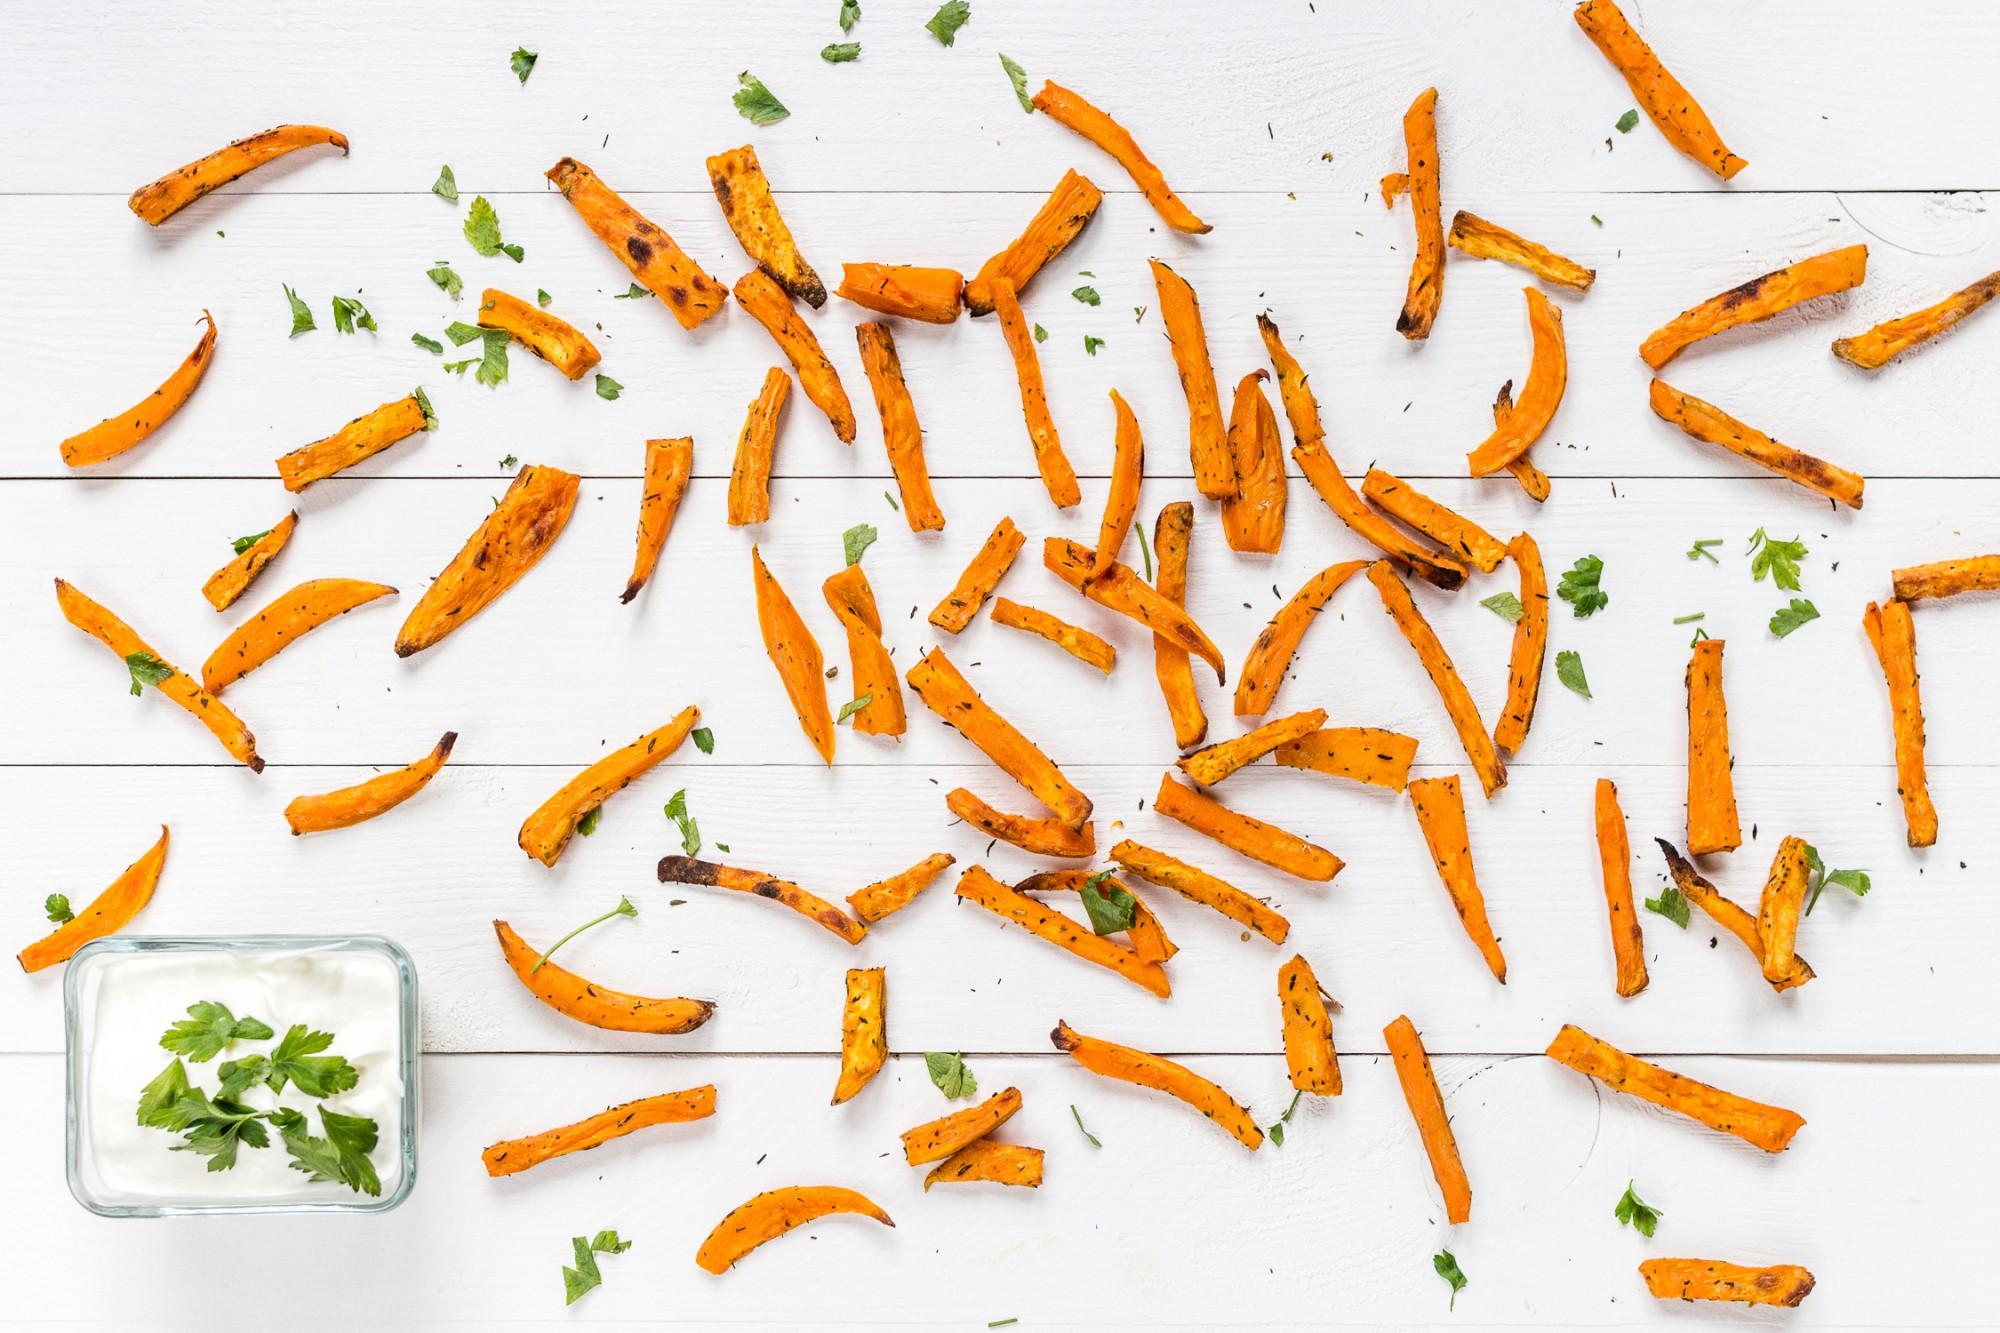 Jak zrobić frytki z batatów w piekarniku? Wersja fit